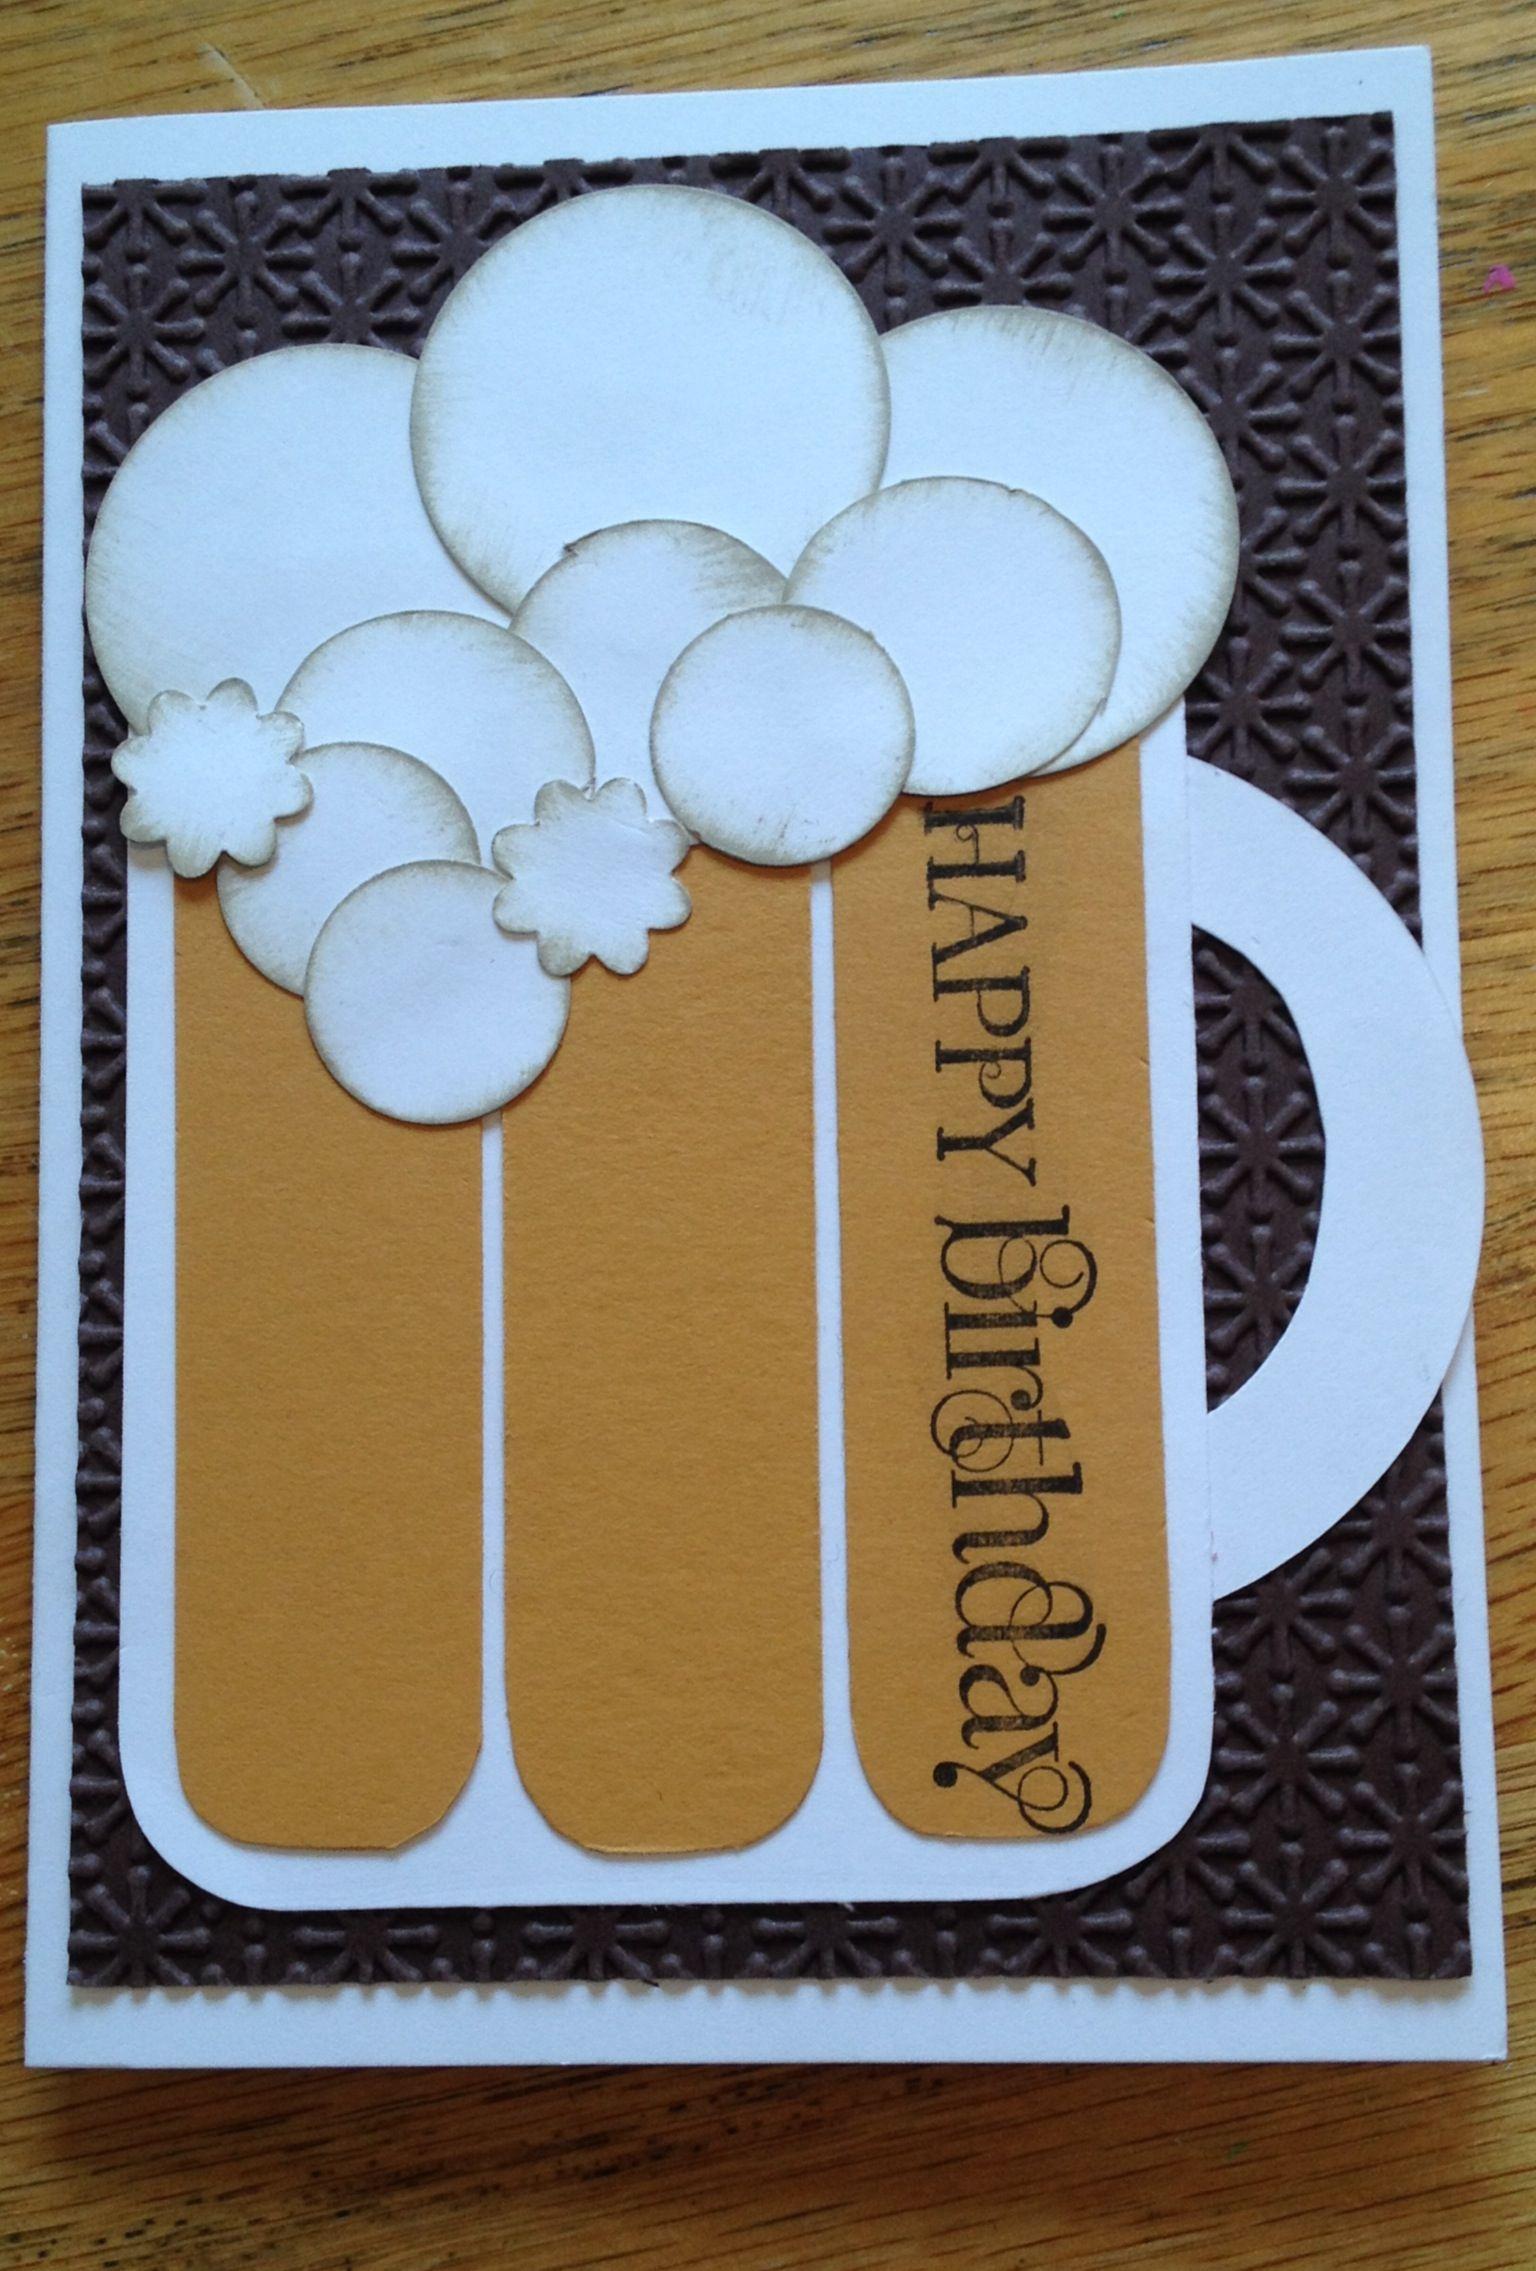 37 Great Photo Of Scrapbook Cards Ideas Templates Scrapbook Cards Ideas Templates Beer Birthd Tarjetas Scrapbooking Tarjetas De Amor Manualidades Manualidades